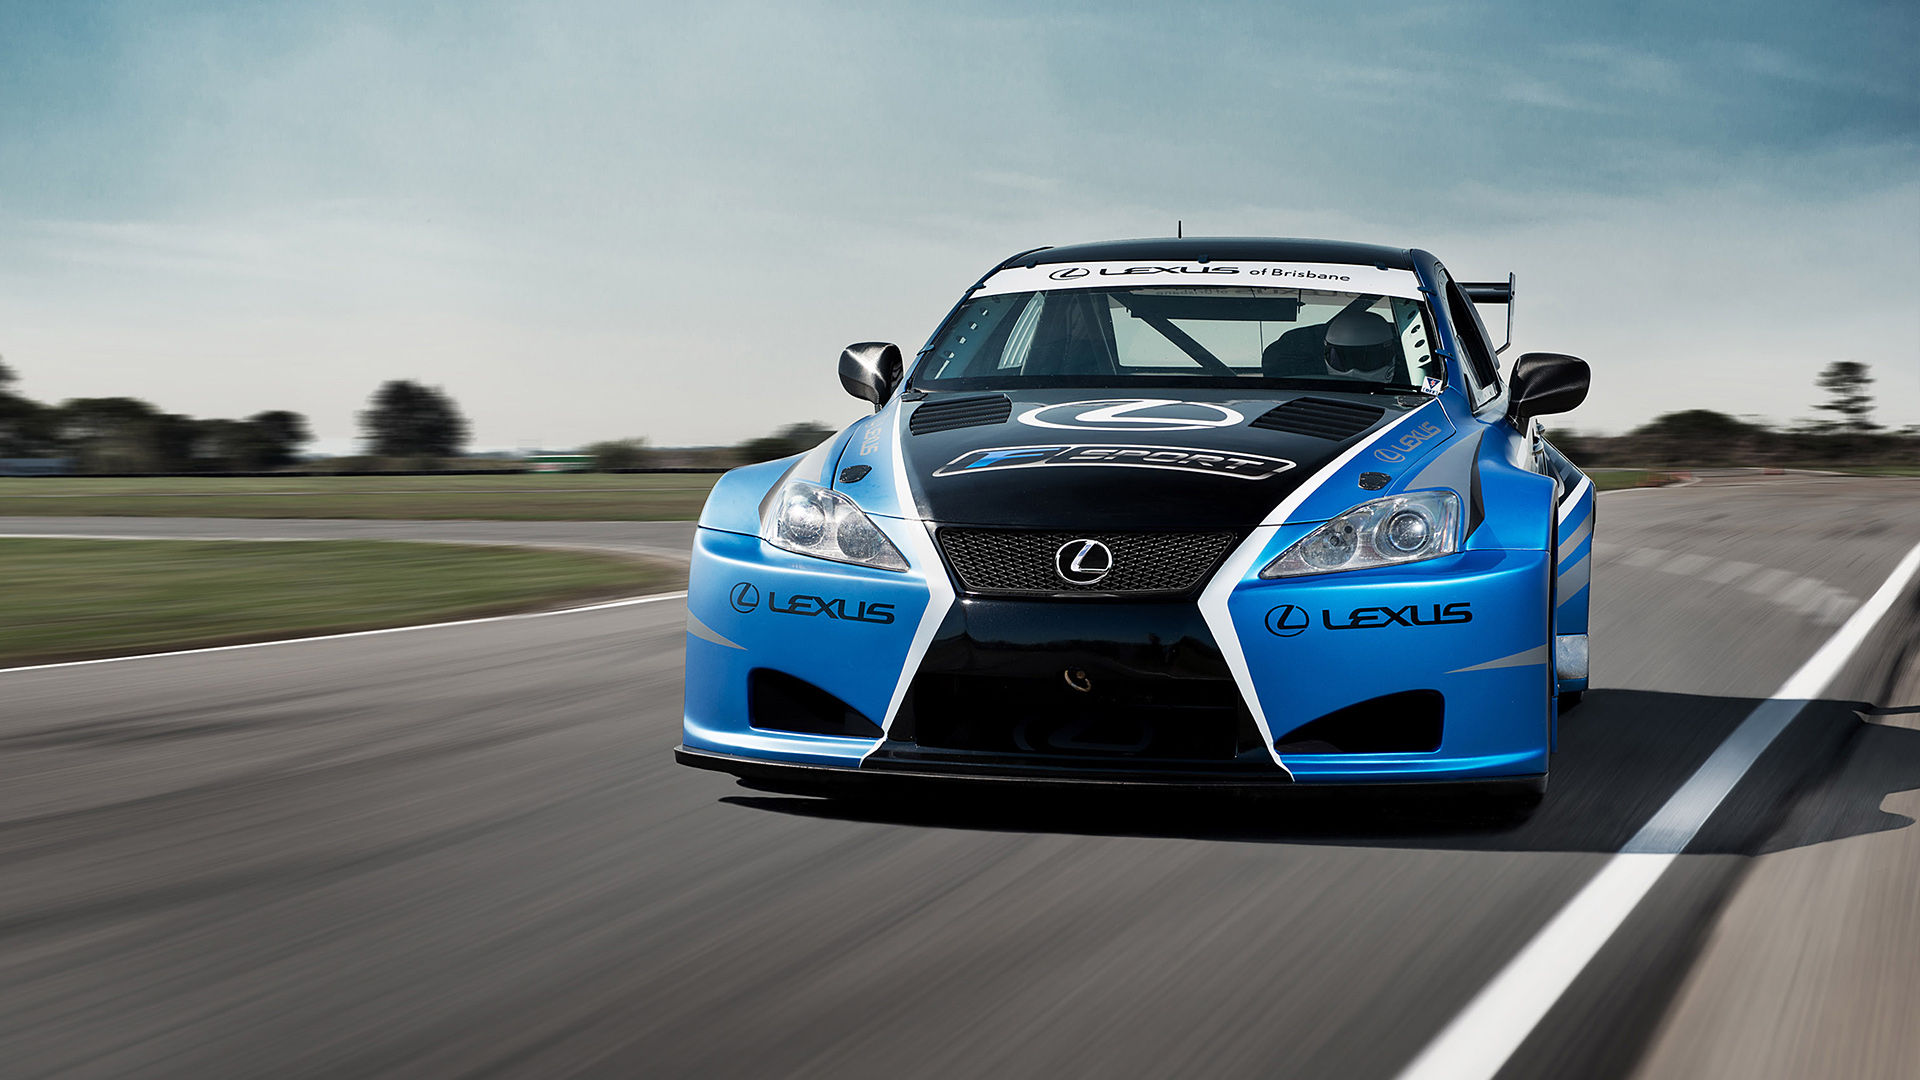 2013 Lexus IS-F Race Car